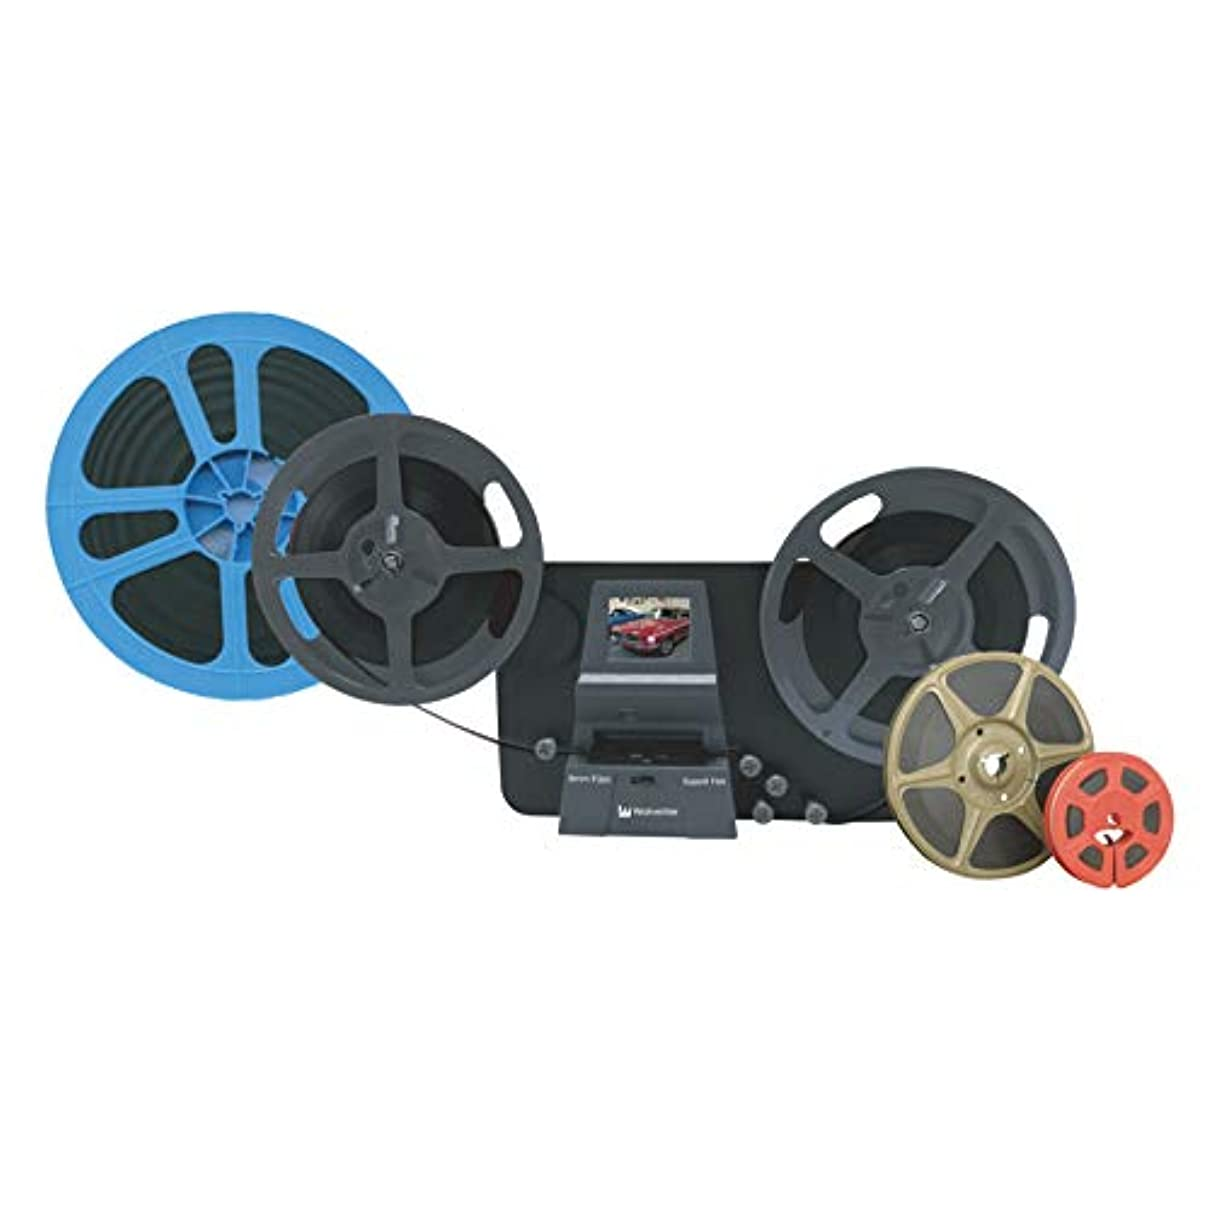 サポートキノコ白鳥Wolverine 8mm フィルムスキャナー デジタルムービーメーカー MM100PRO [ブラック] 8mmフィルム レギュラー8/スーパー8/シングル8 プロフィルムデジタルコンバーター